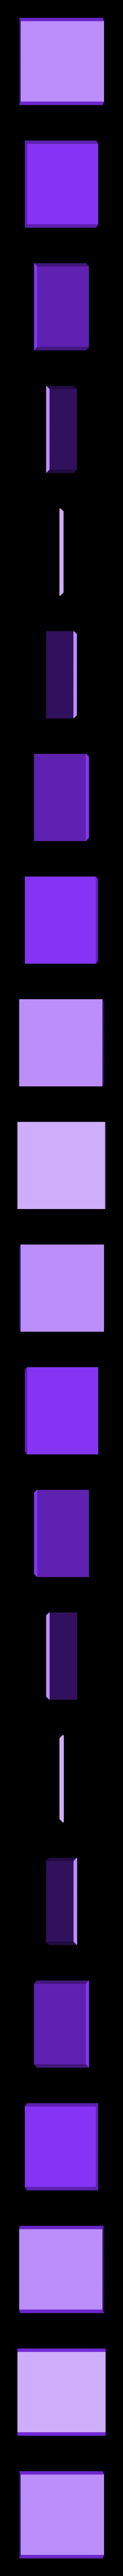 sml_rm_end1a.stl Télécharger fichier STL gratuit Ripper's London - Les égouts • Design pour imprimante 3D, Earsling